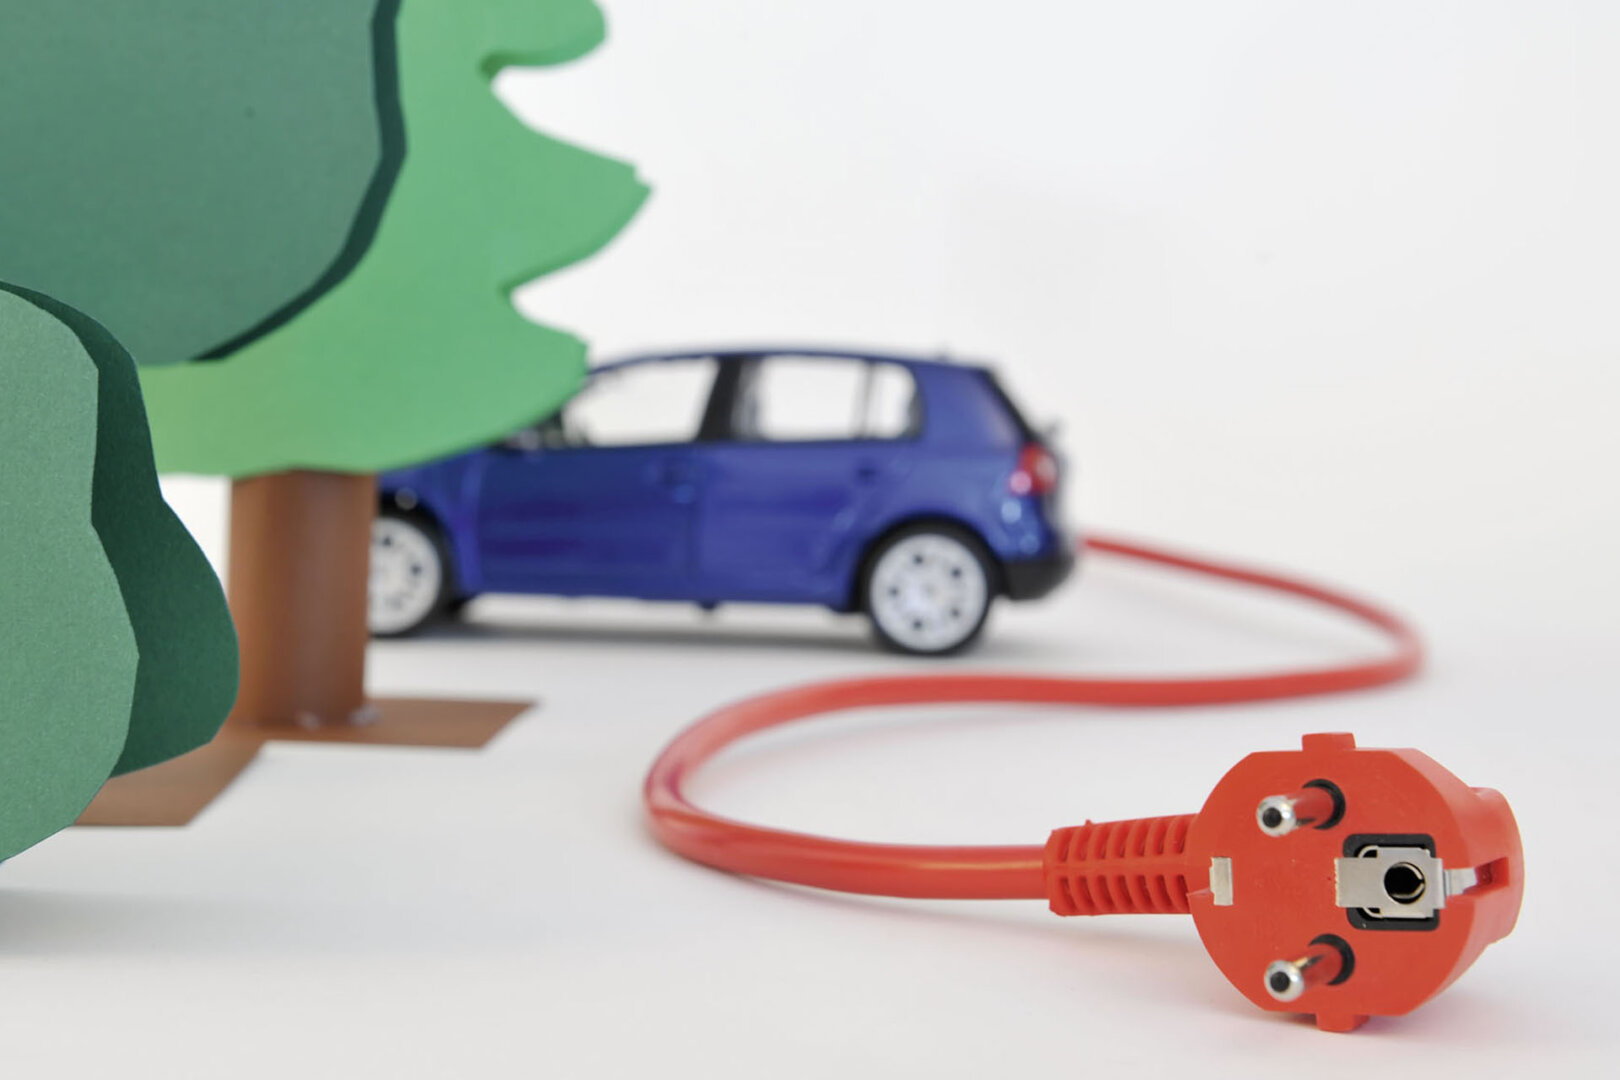 Auto mit regulärem Stecker, davor Bäume